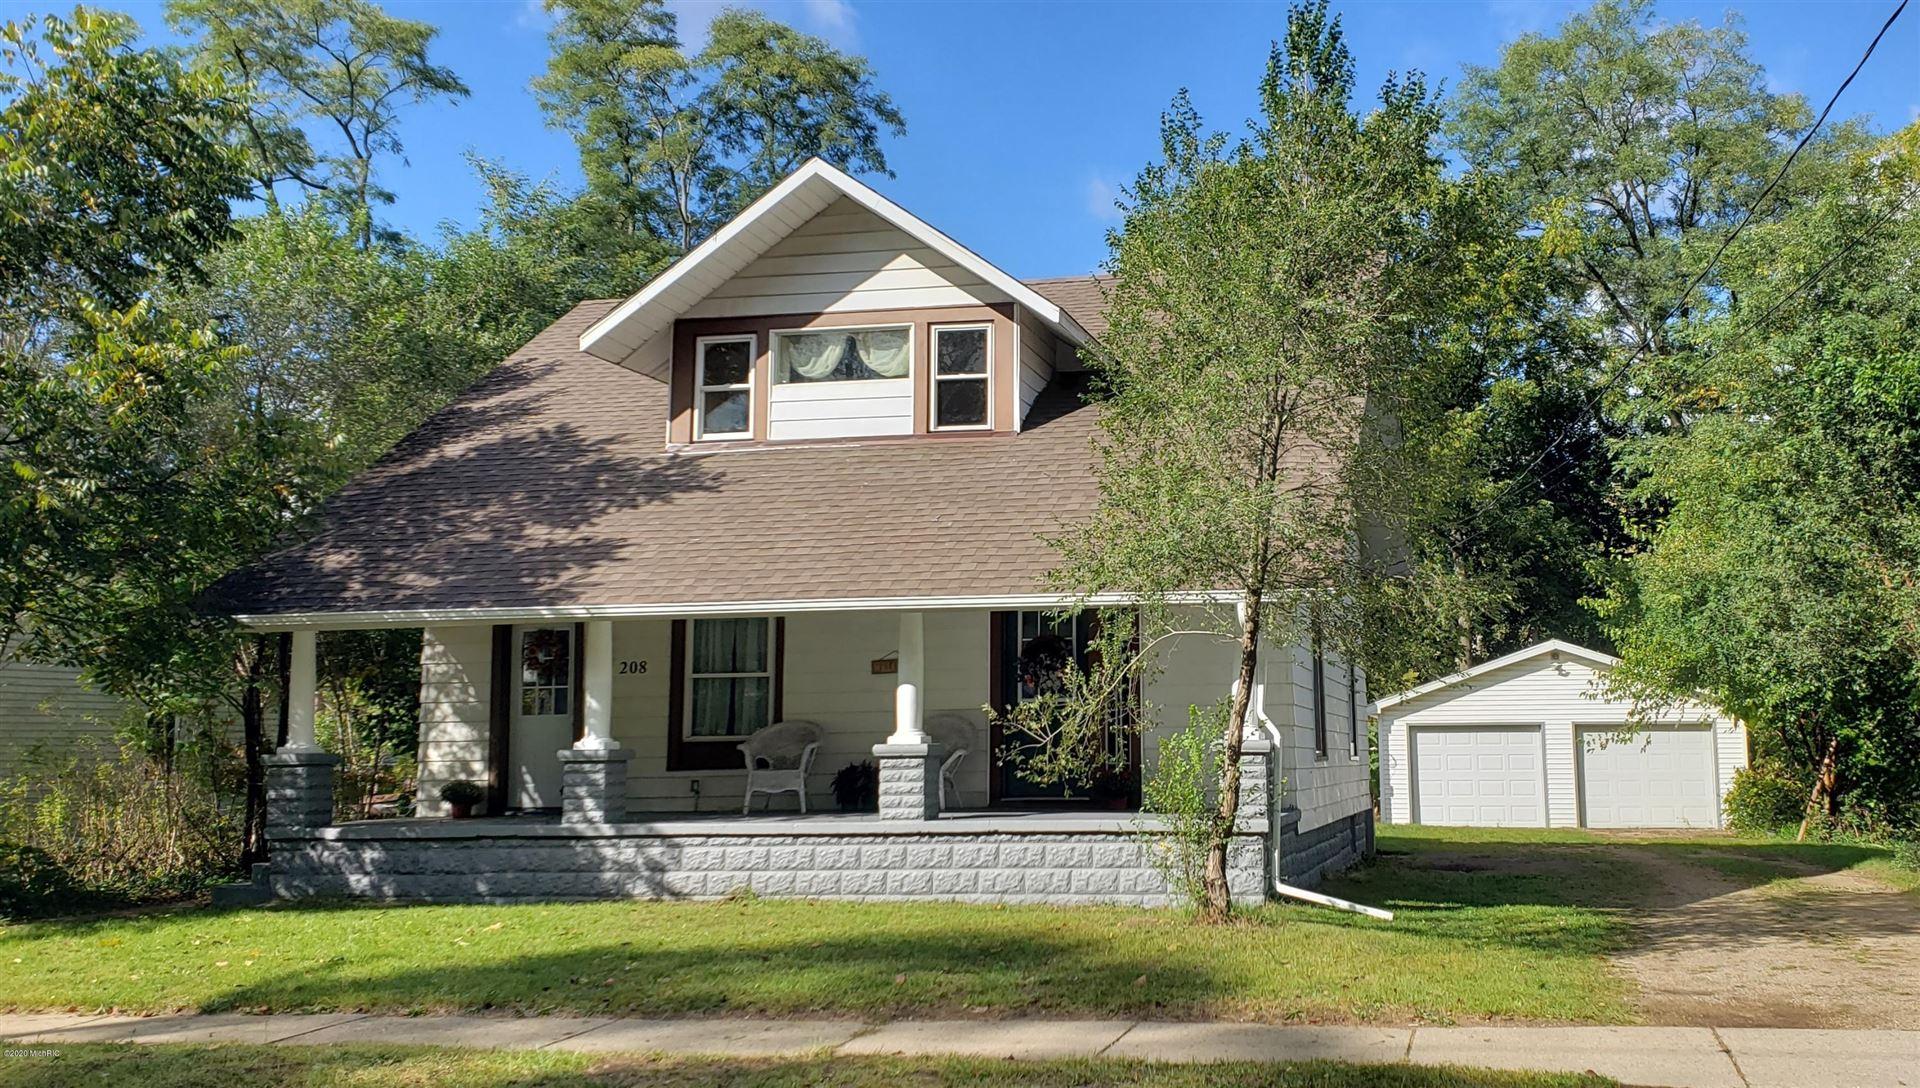 208 S Lowe Street, Dowagiac, MI 49047 - MLS#: 21095477